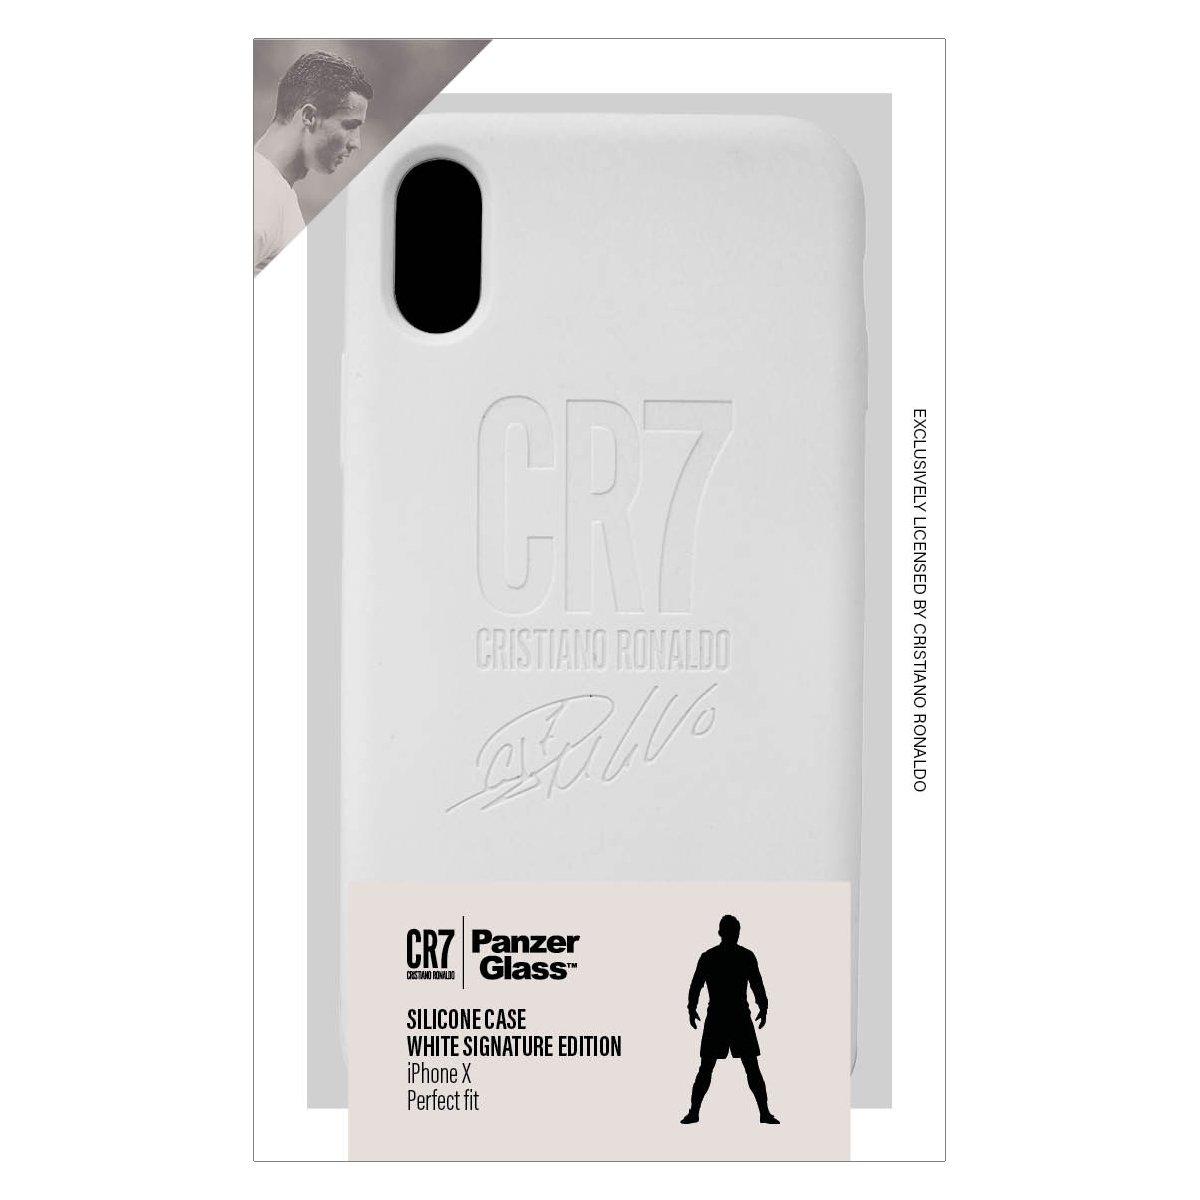 CR7 SILICON CASE WHITE SIGNATURE IPHONE X